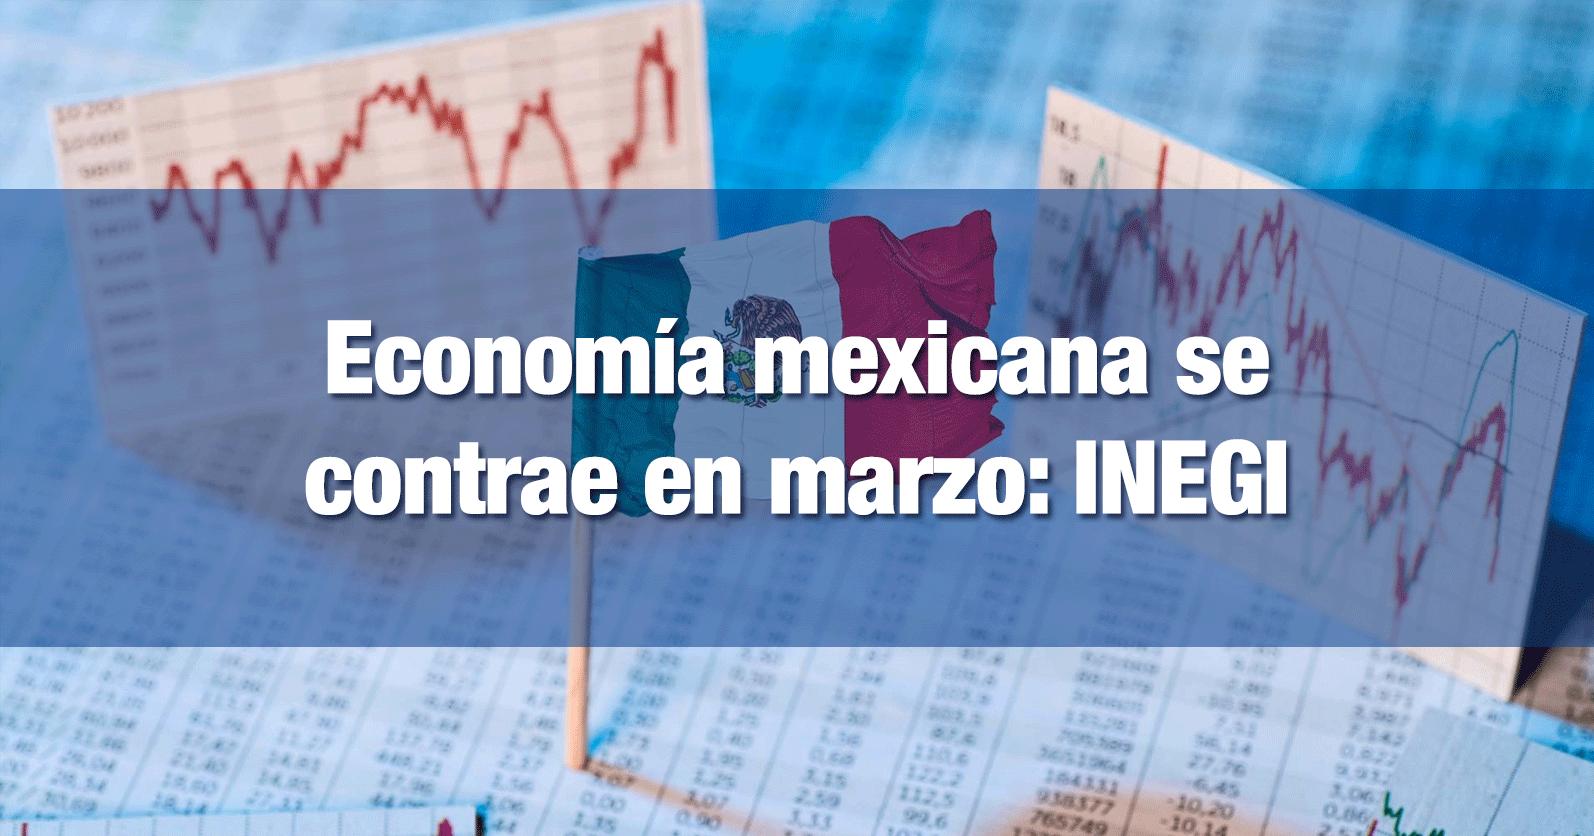 Economía mexicana se contrae en marzo: INEGI